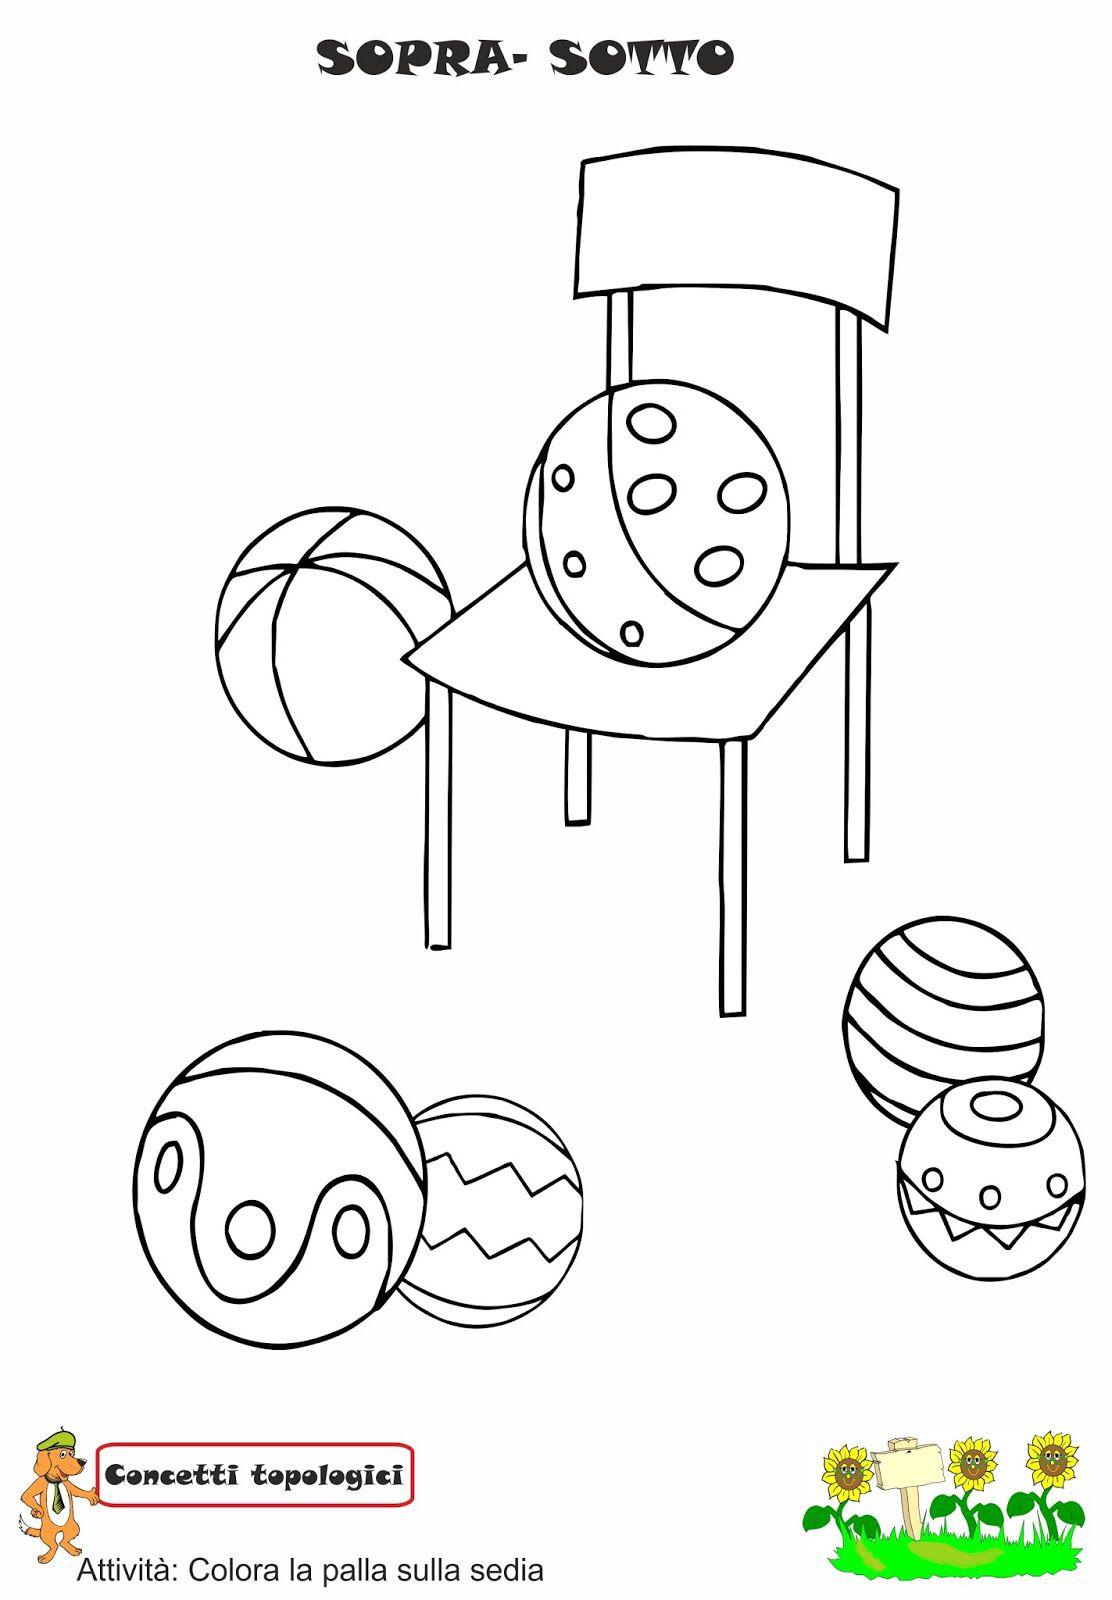 Sopra e sotto concetti topologici for Schede didattiche autismo